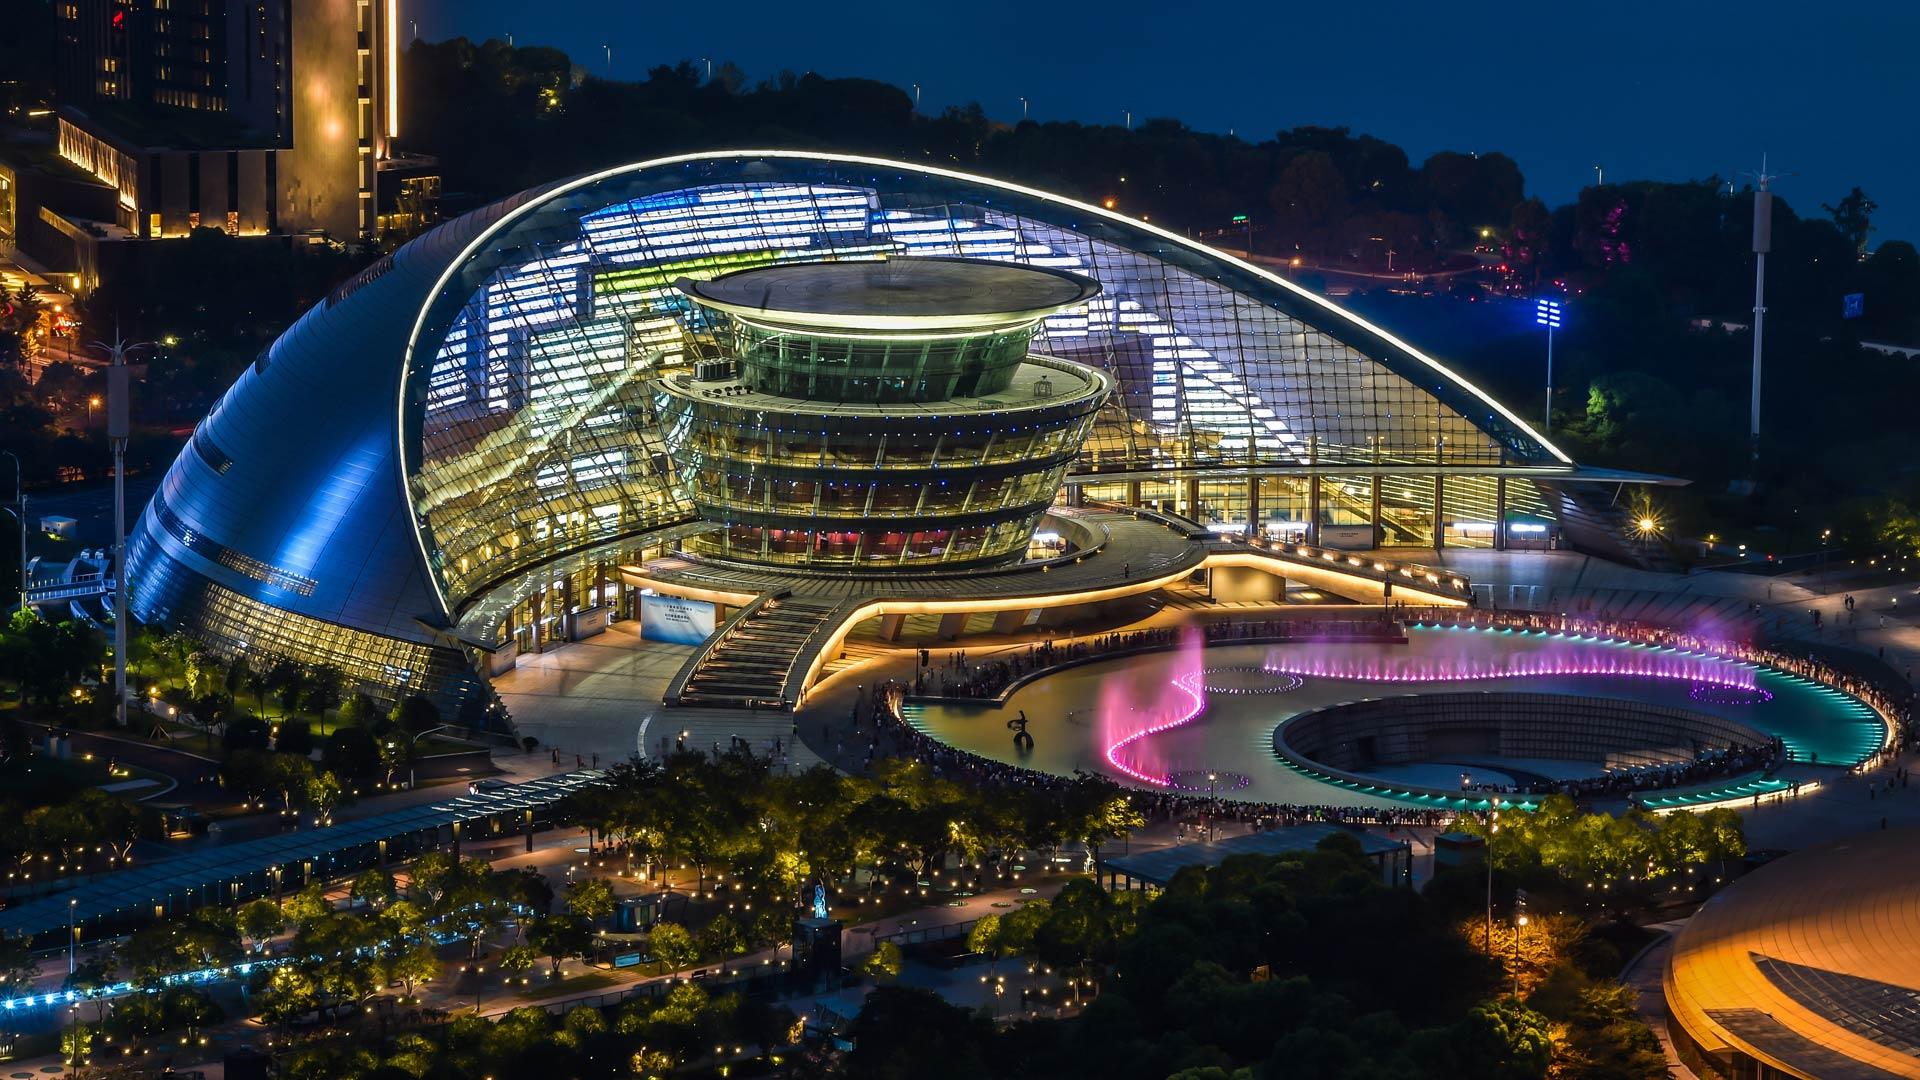 В Китае запустили систему идентификации умных городов, основанную на блокчейне